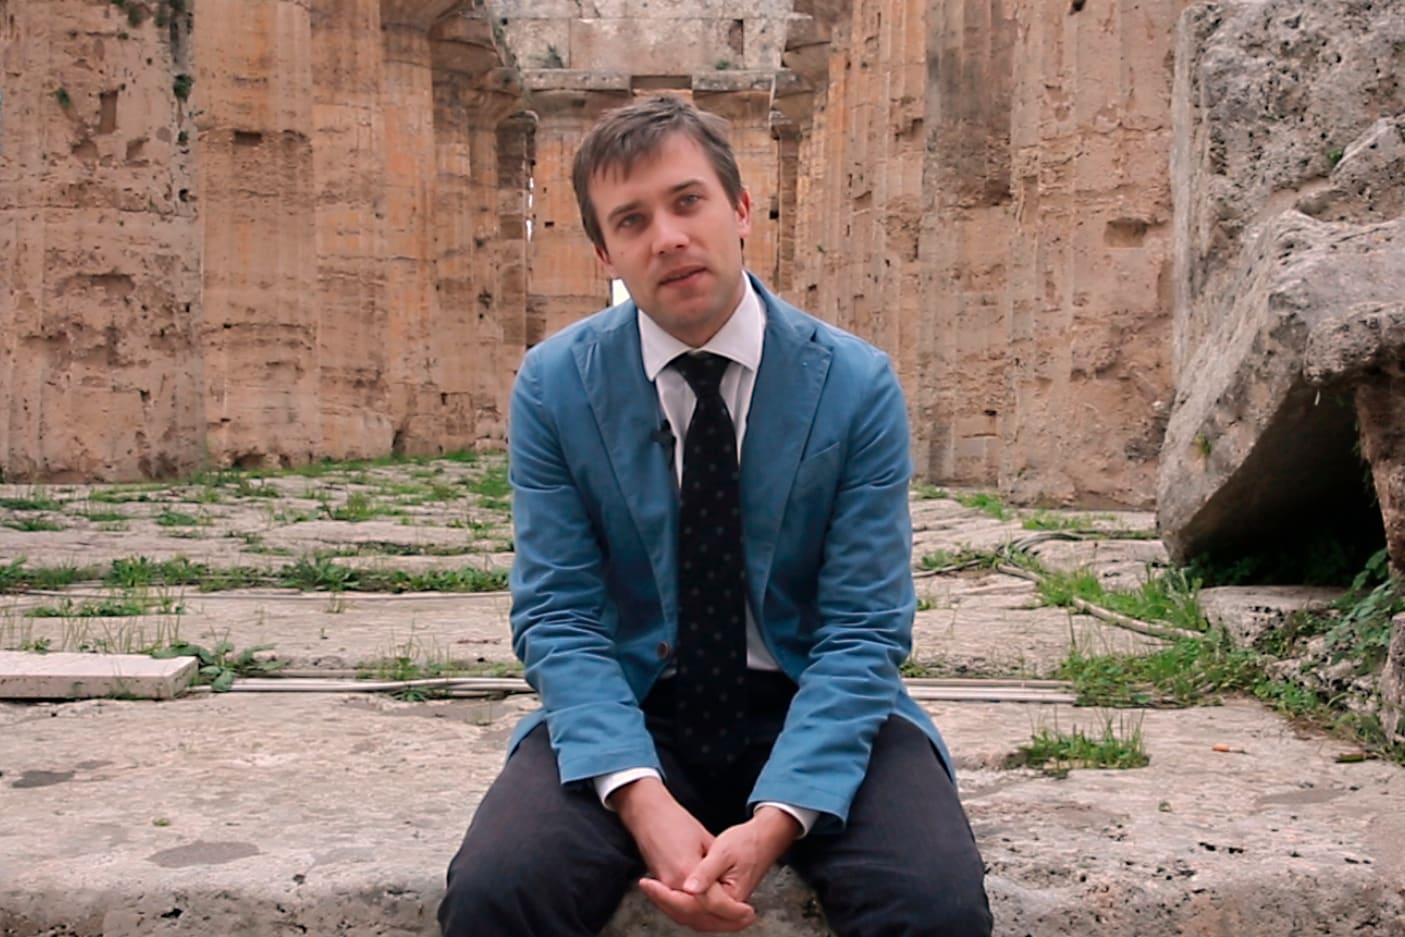 Con Zuchtriegel, Pompei gestito secondo criteri non scientifici? La lettera dei 112